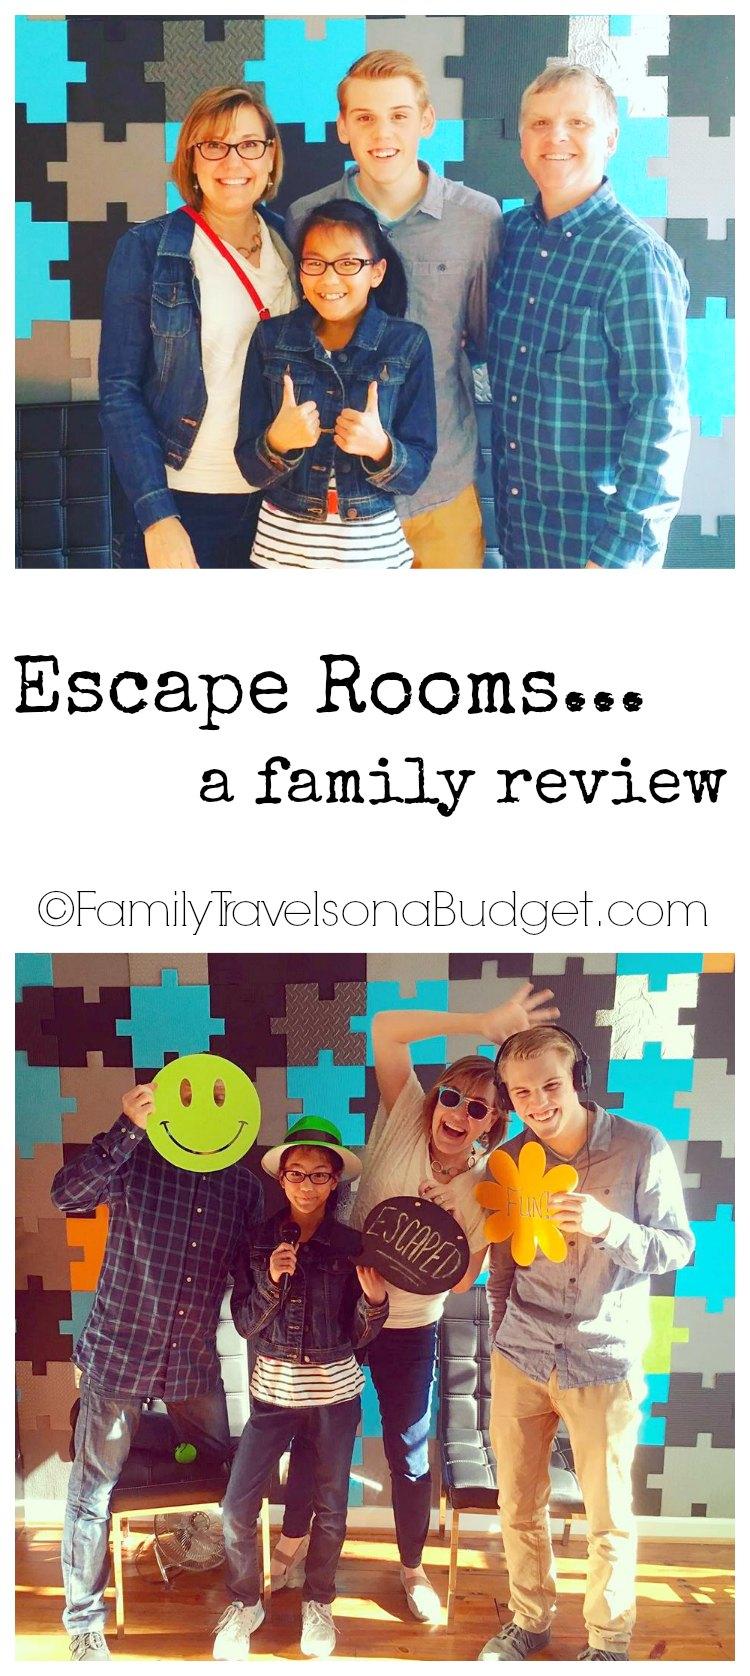 Tic Toc Escape Rooms